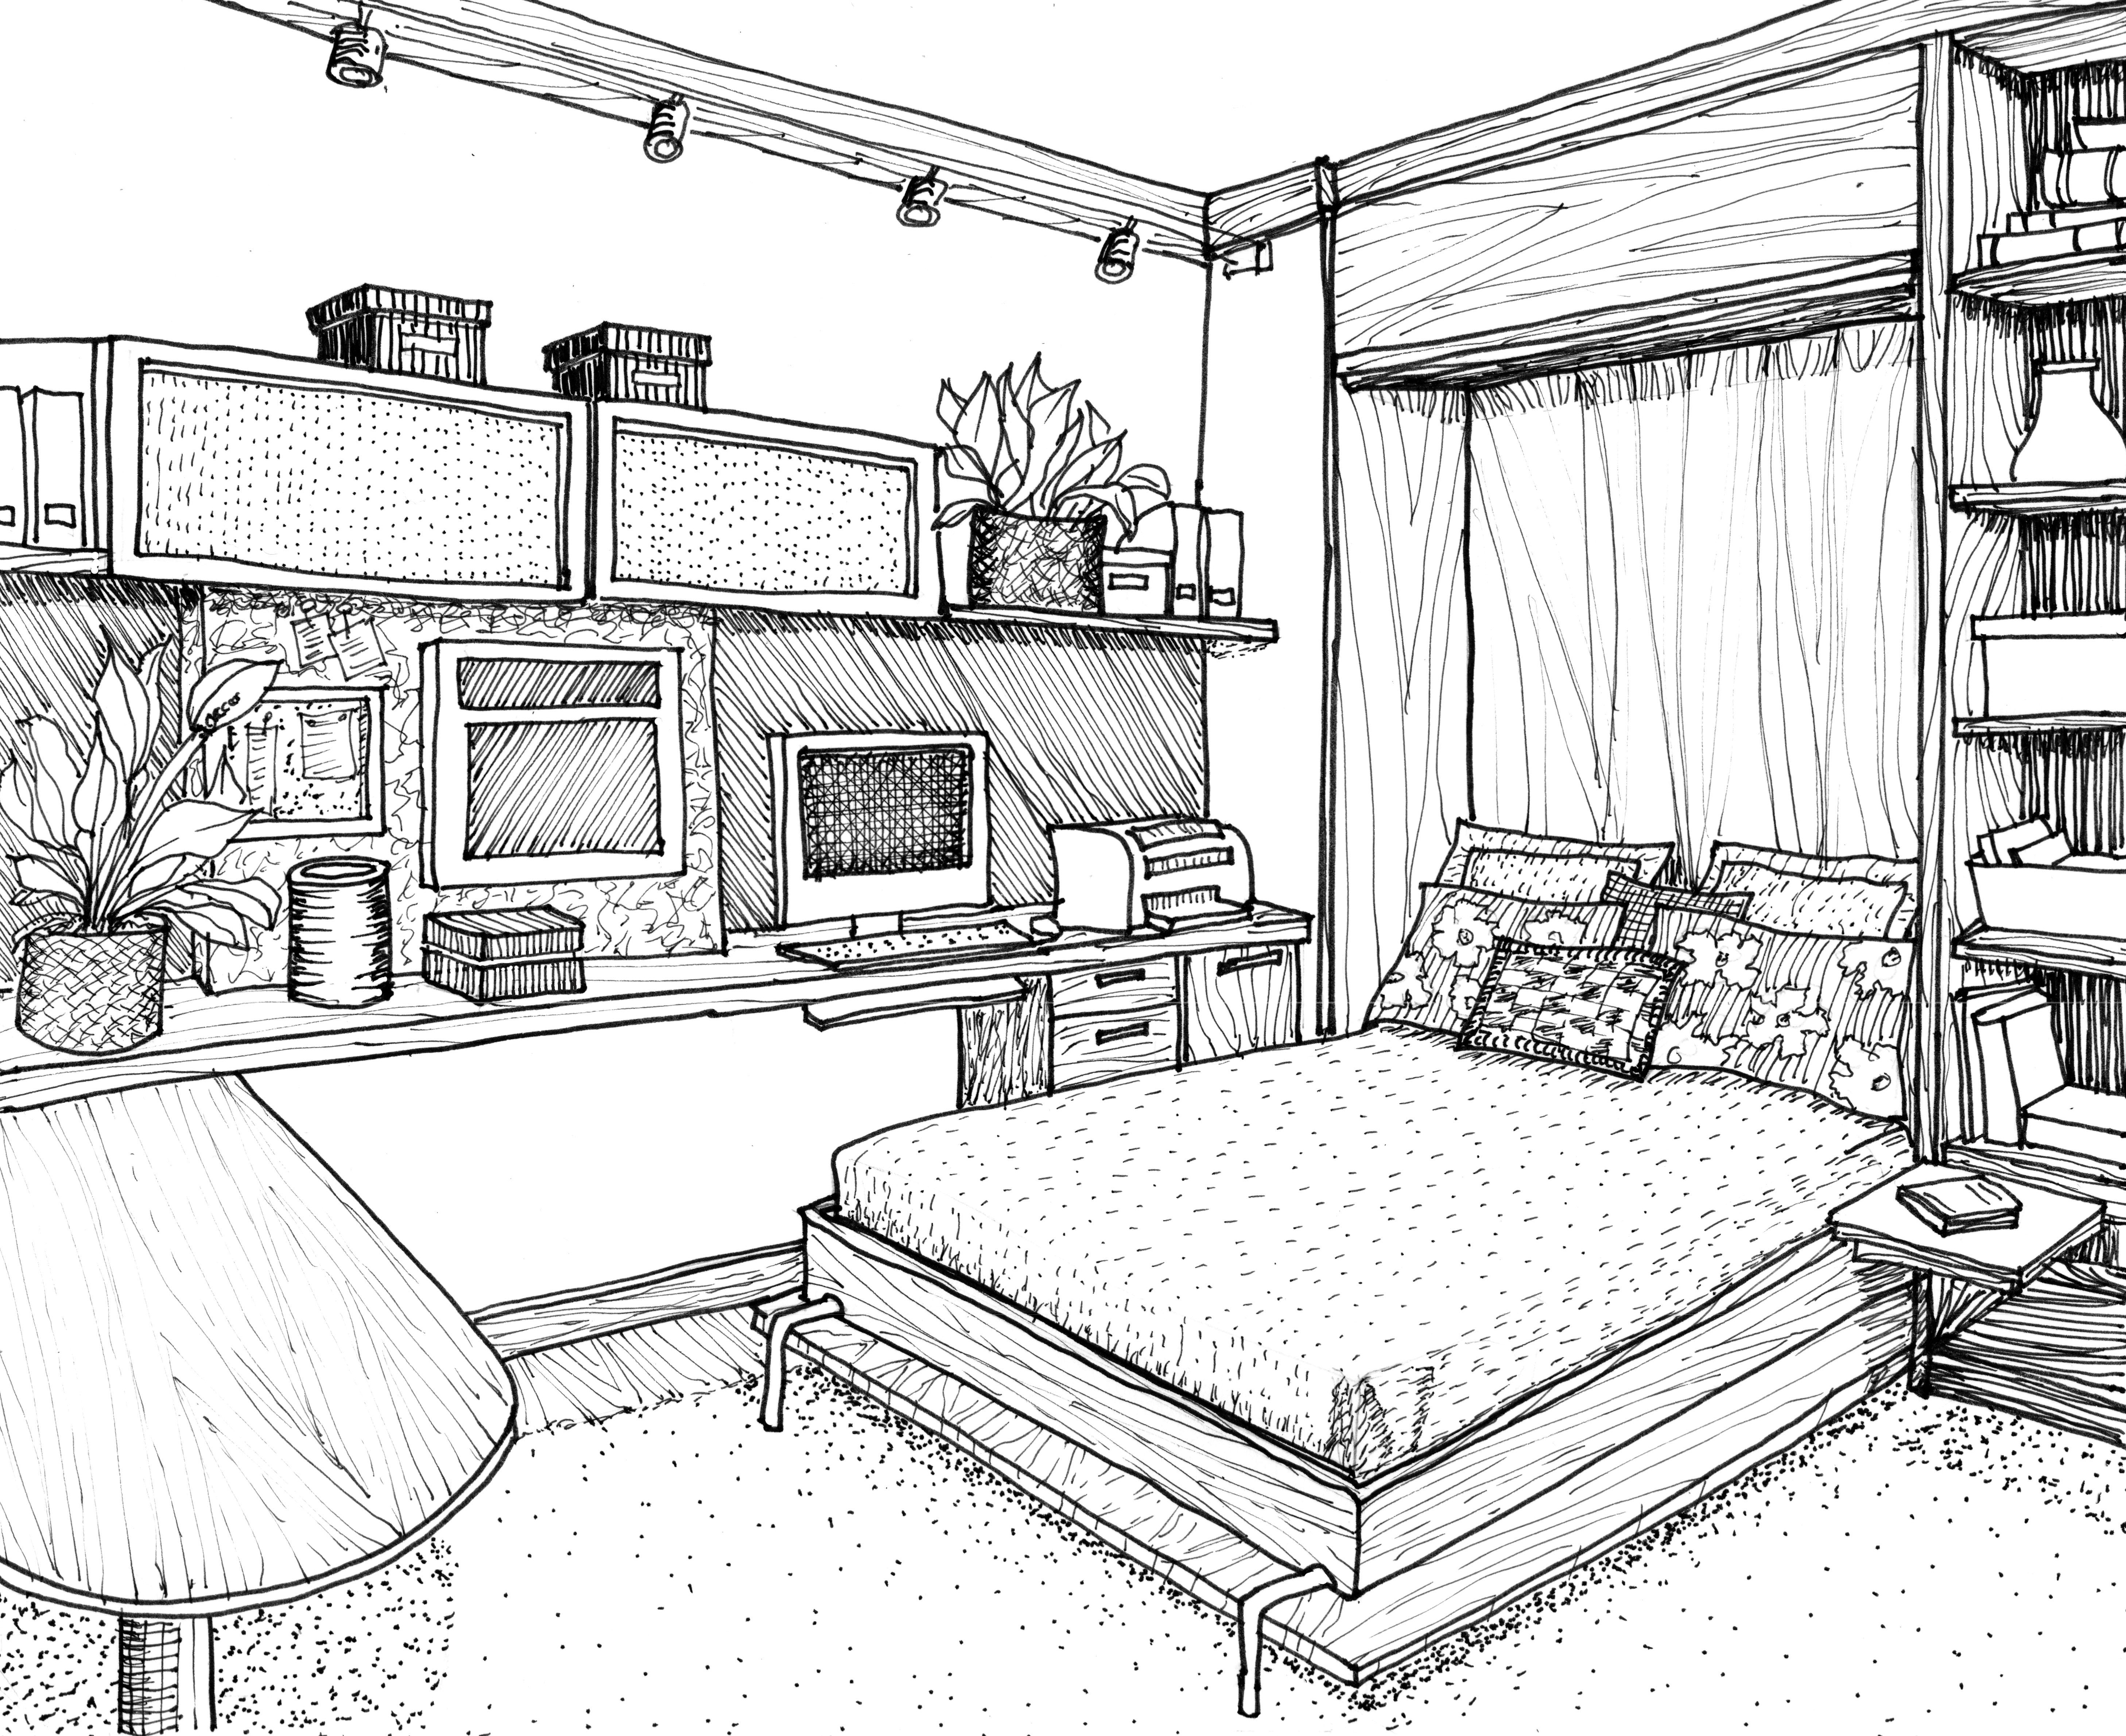 Drawn bedroom perspective Bedroom Pinterest Wood Interior ·